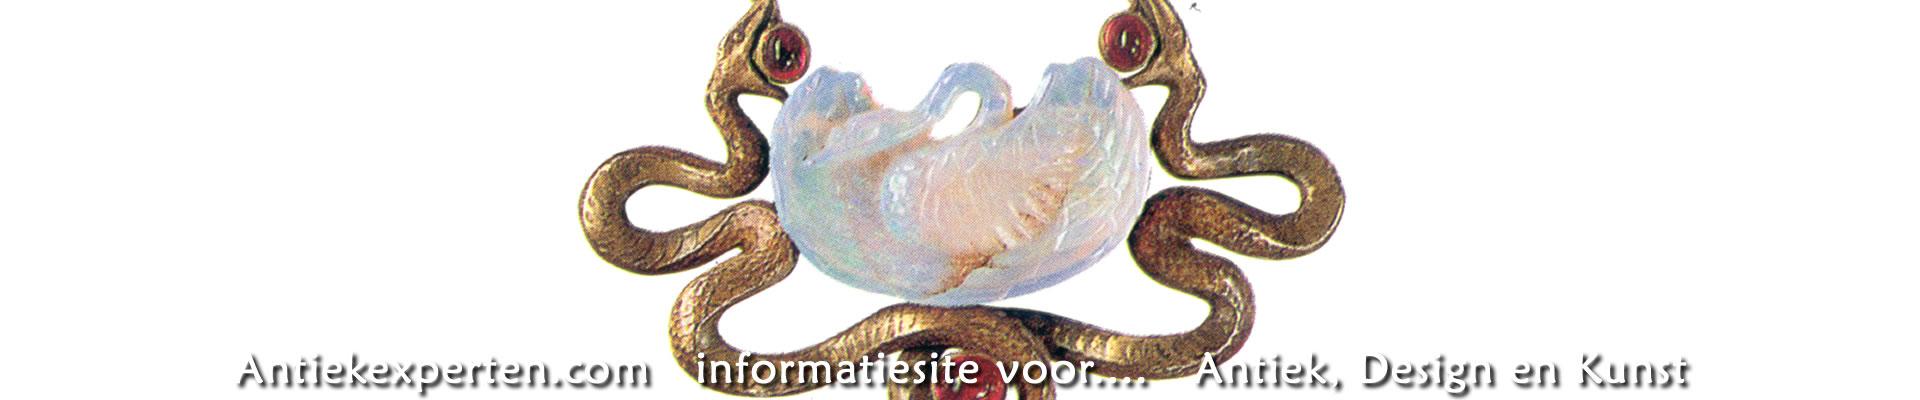 art-nouveau-06-1920-400